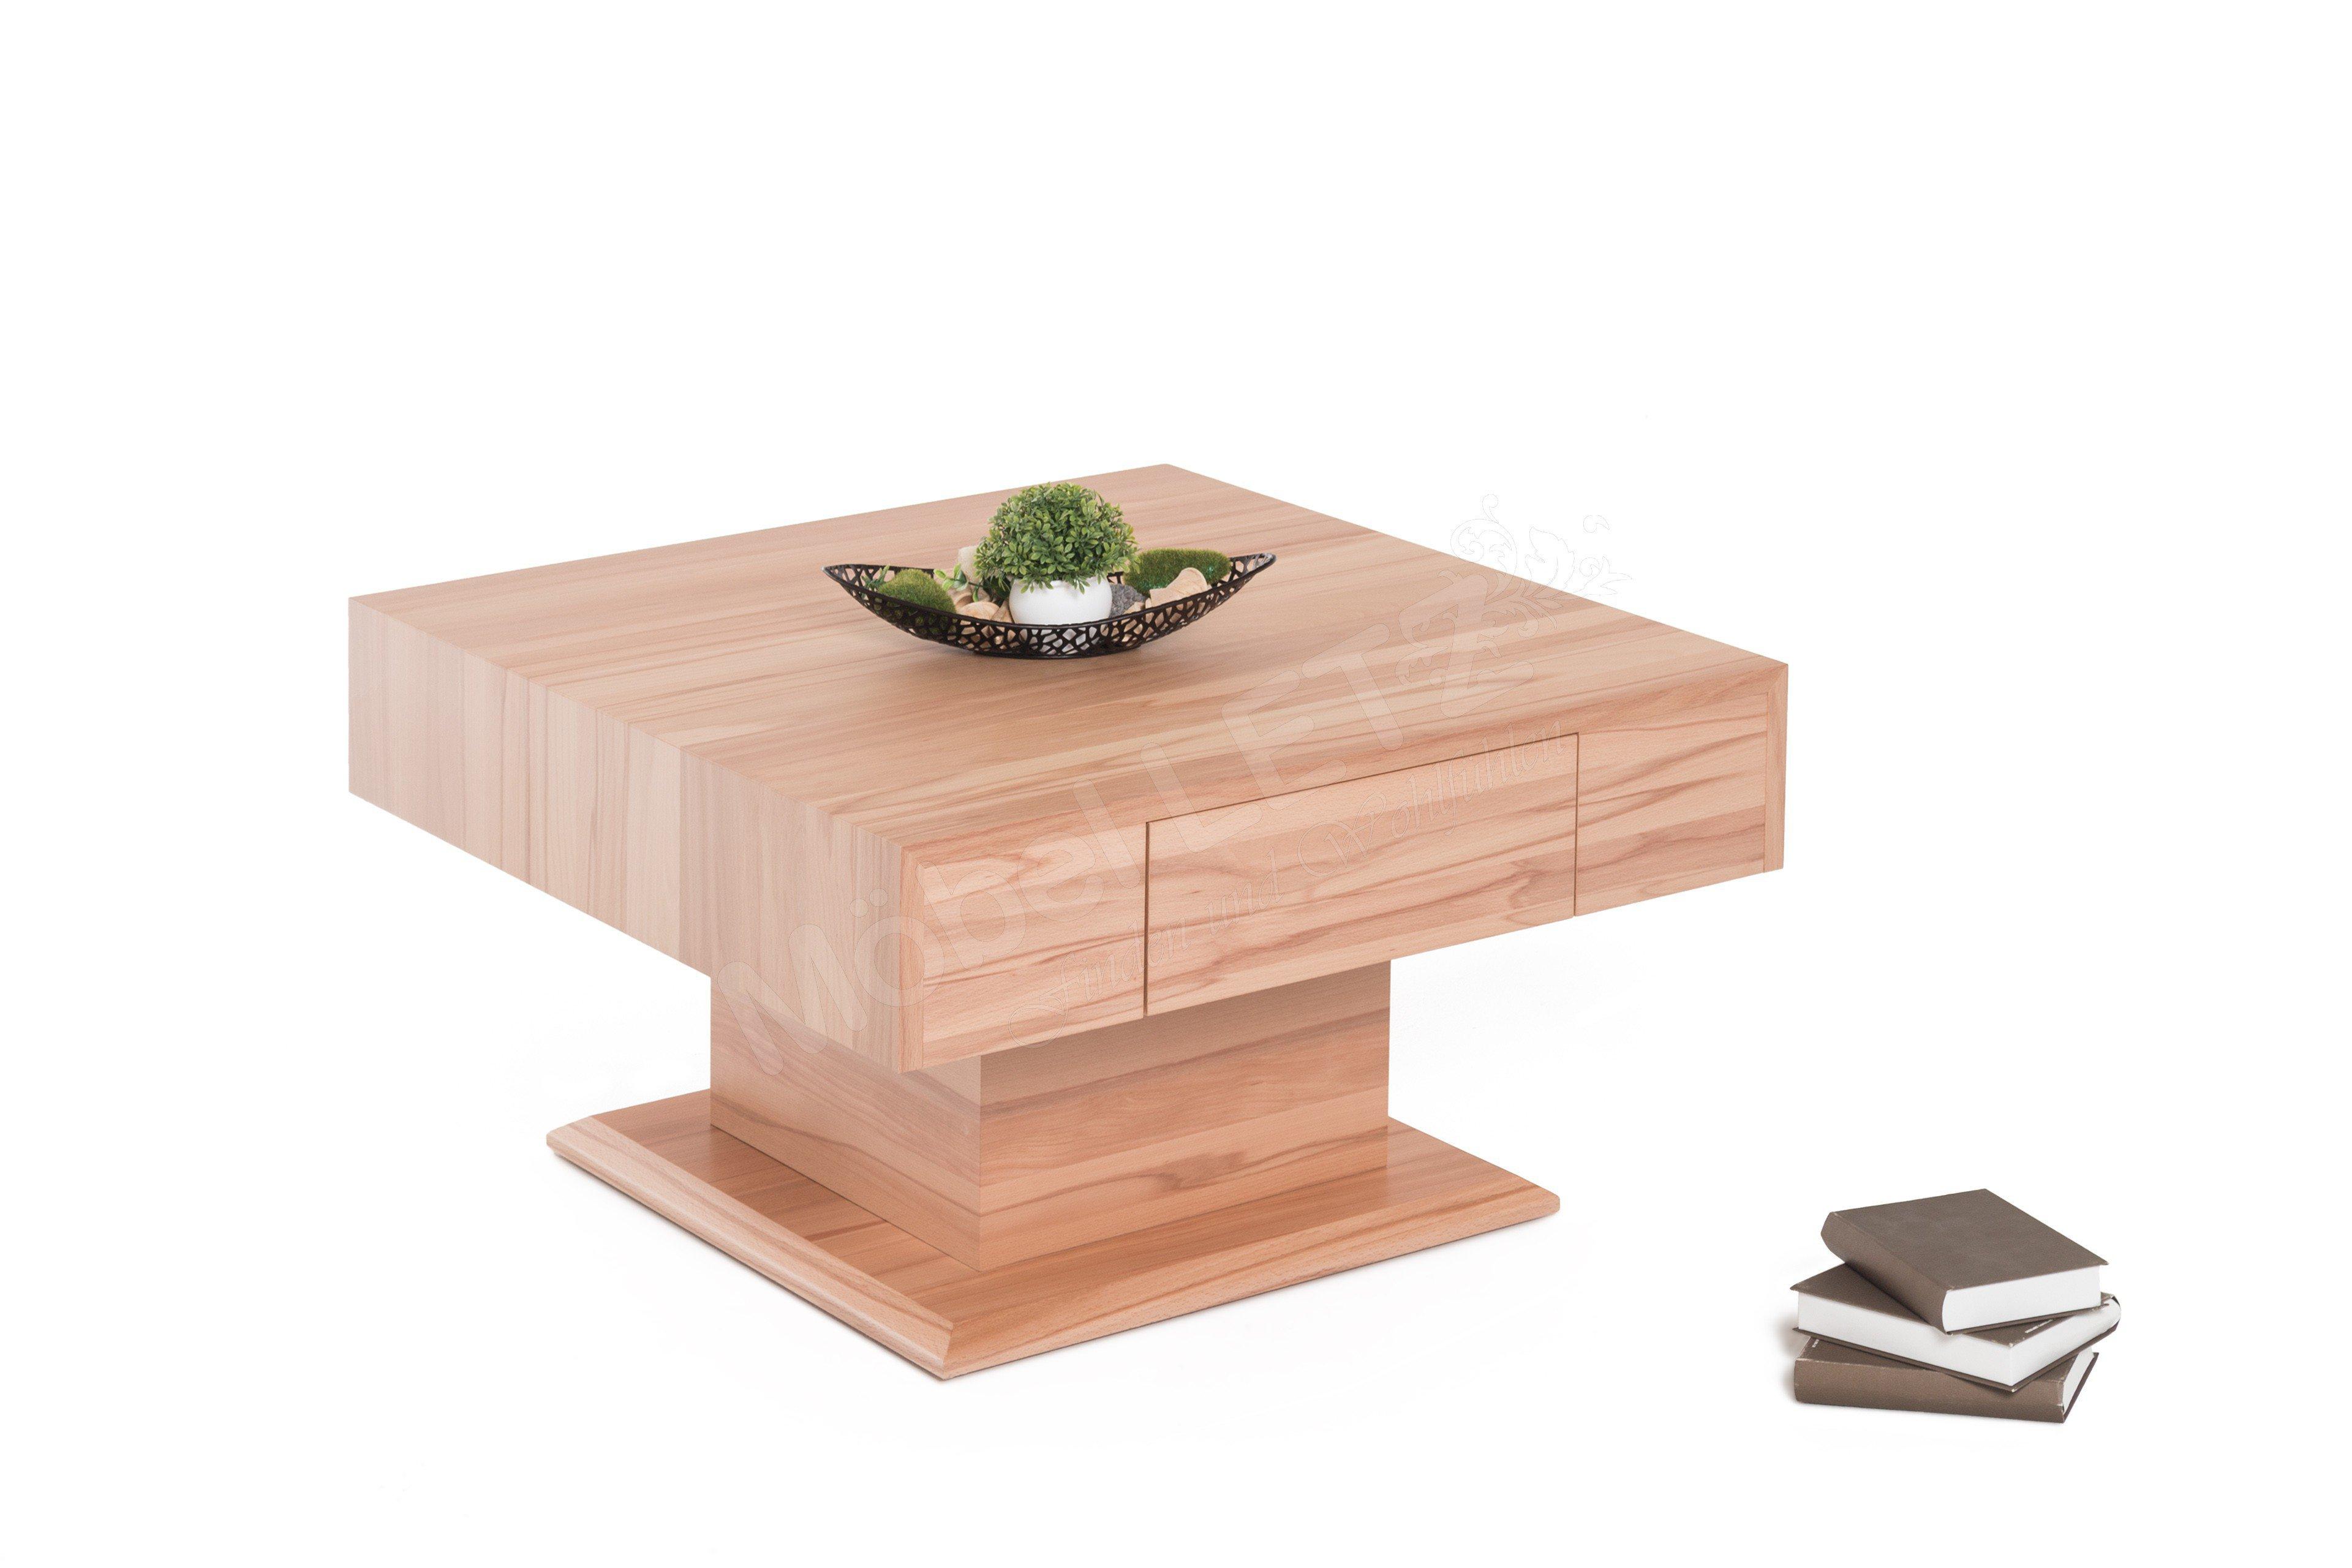 schr der m bel couchtisch kitzalm pur kernwildastbuche m bel letz ihr online shop. Black Bedroom Furniture Sets. Home Design Ideas